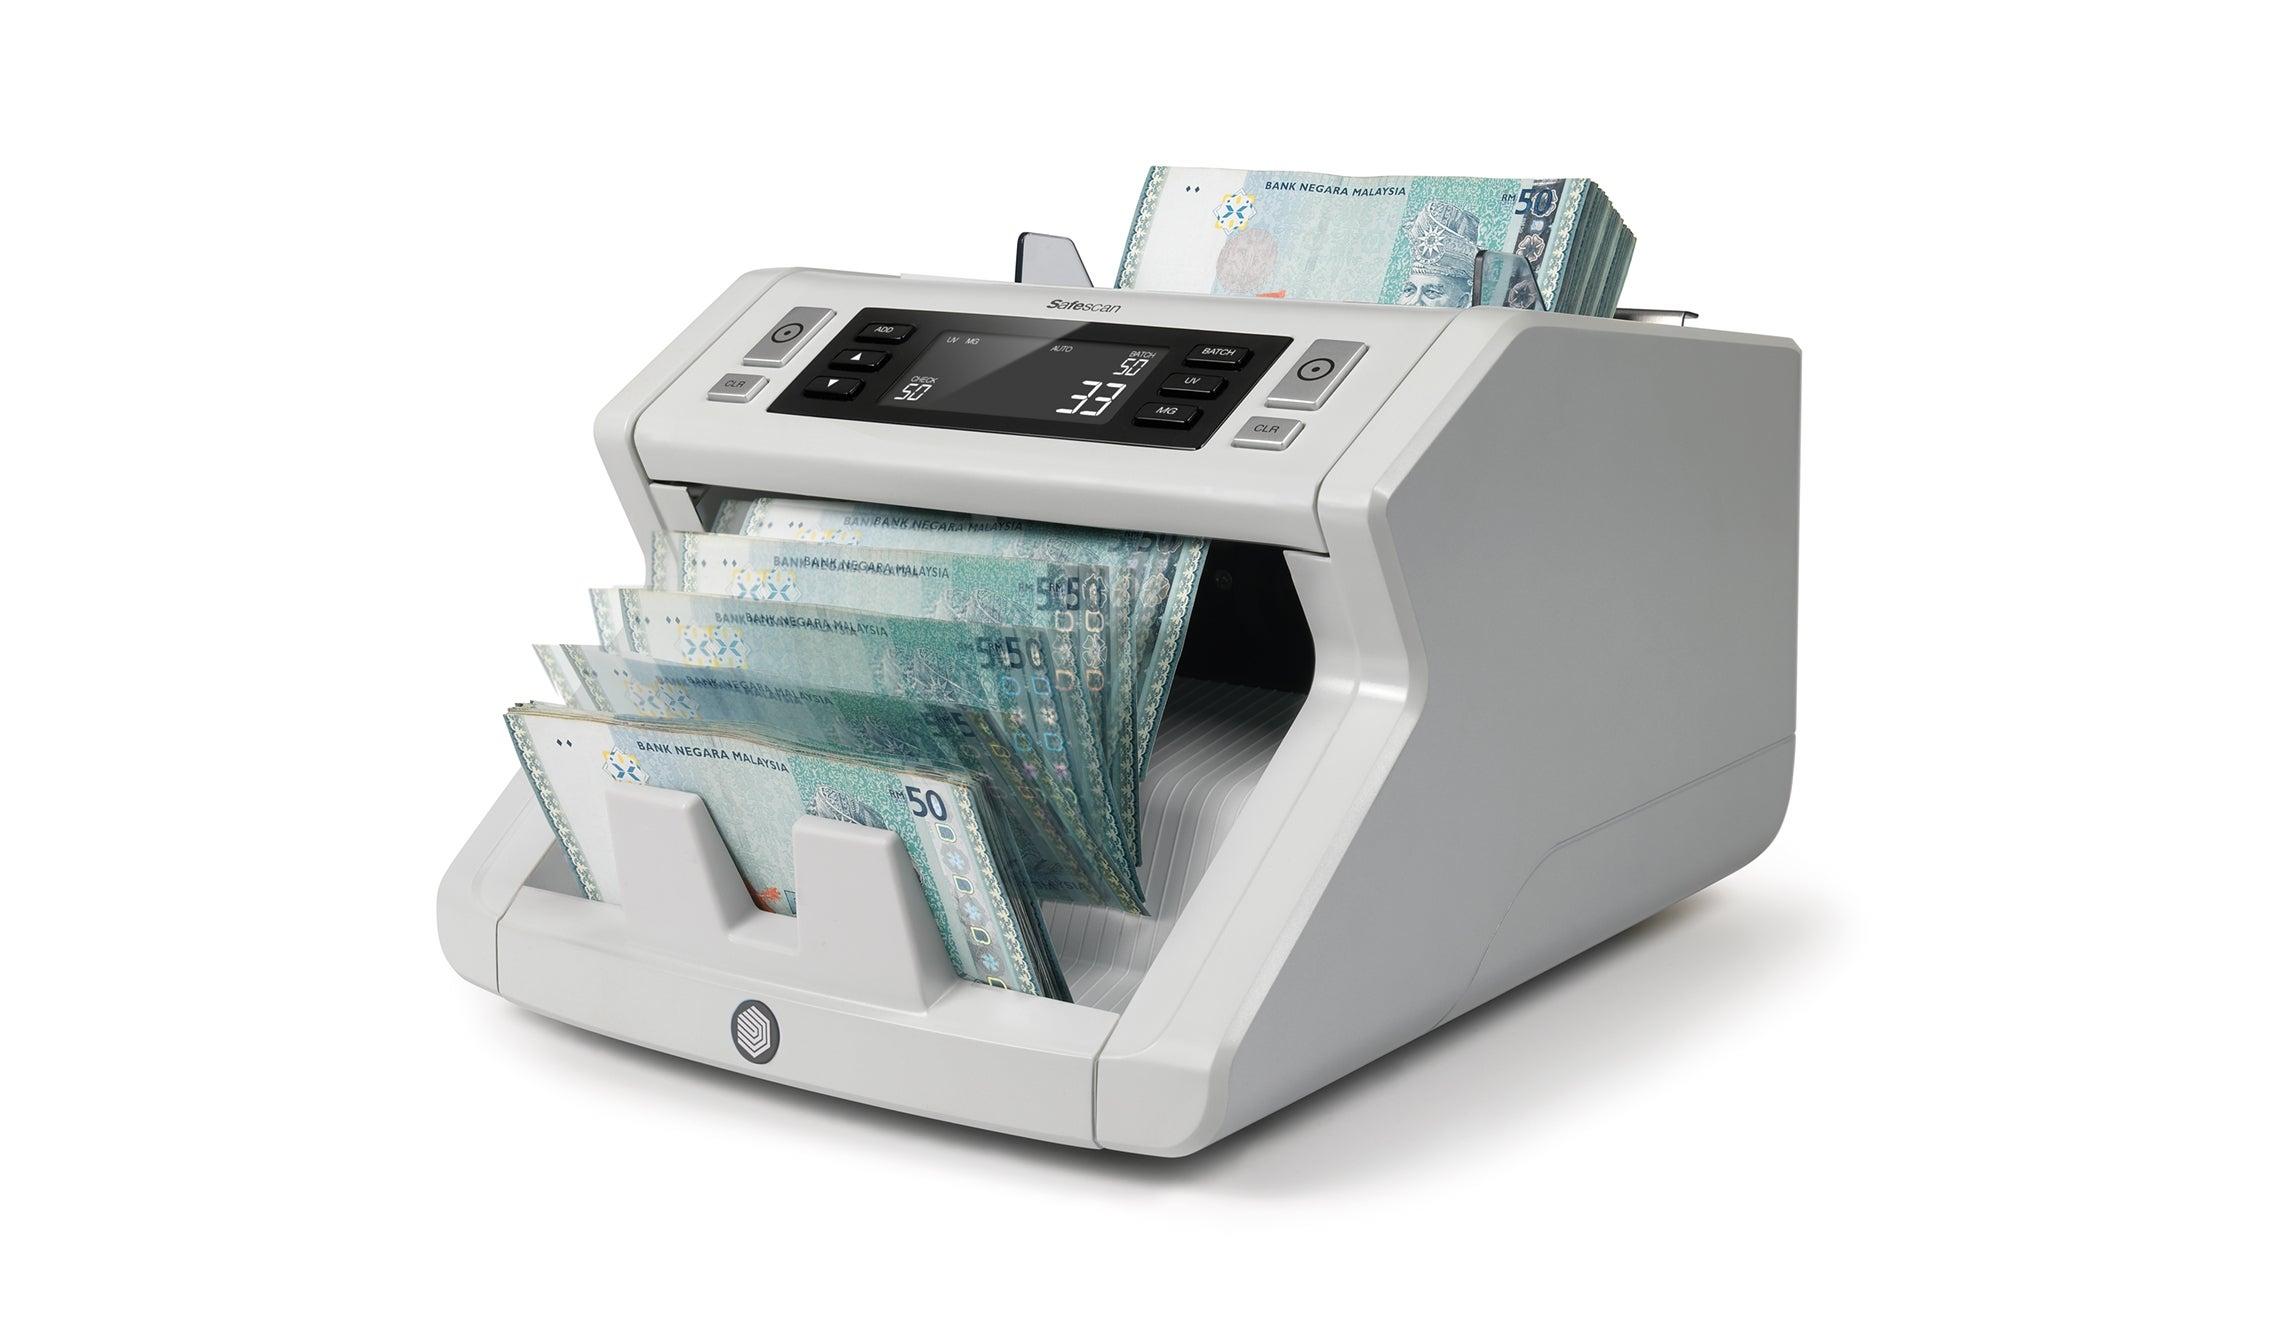 safescan-2250-money-counter